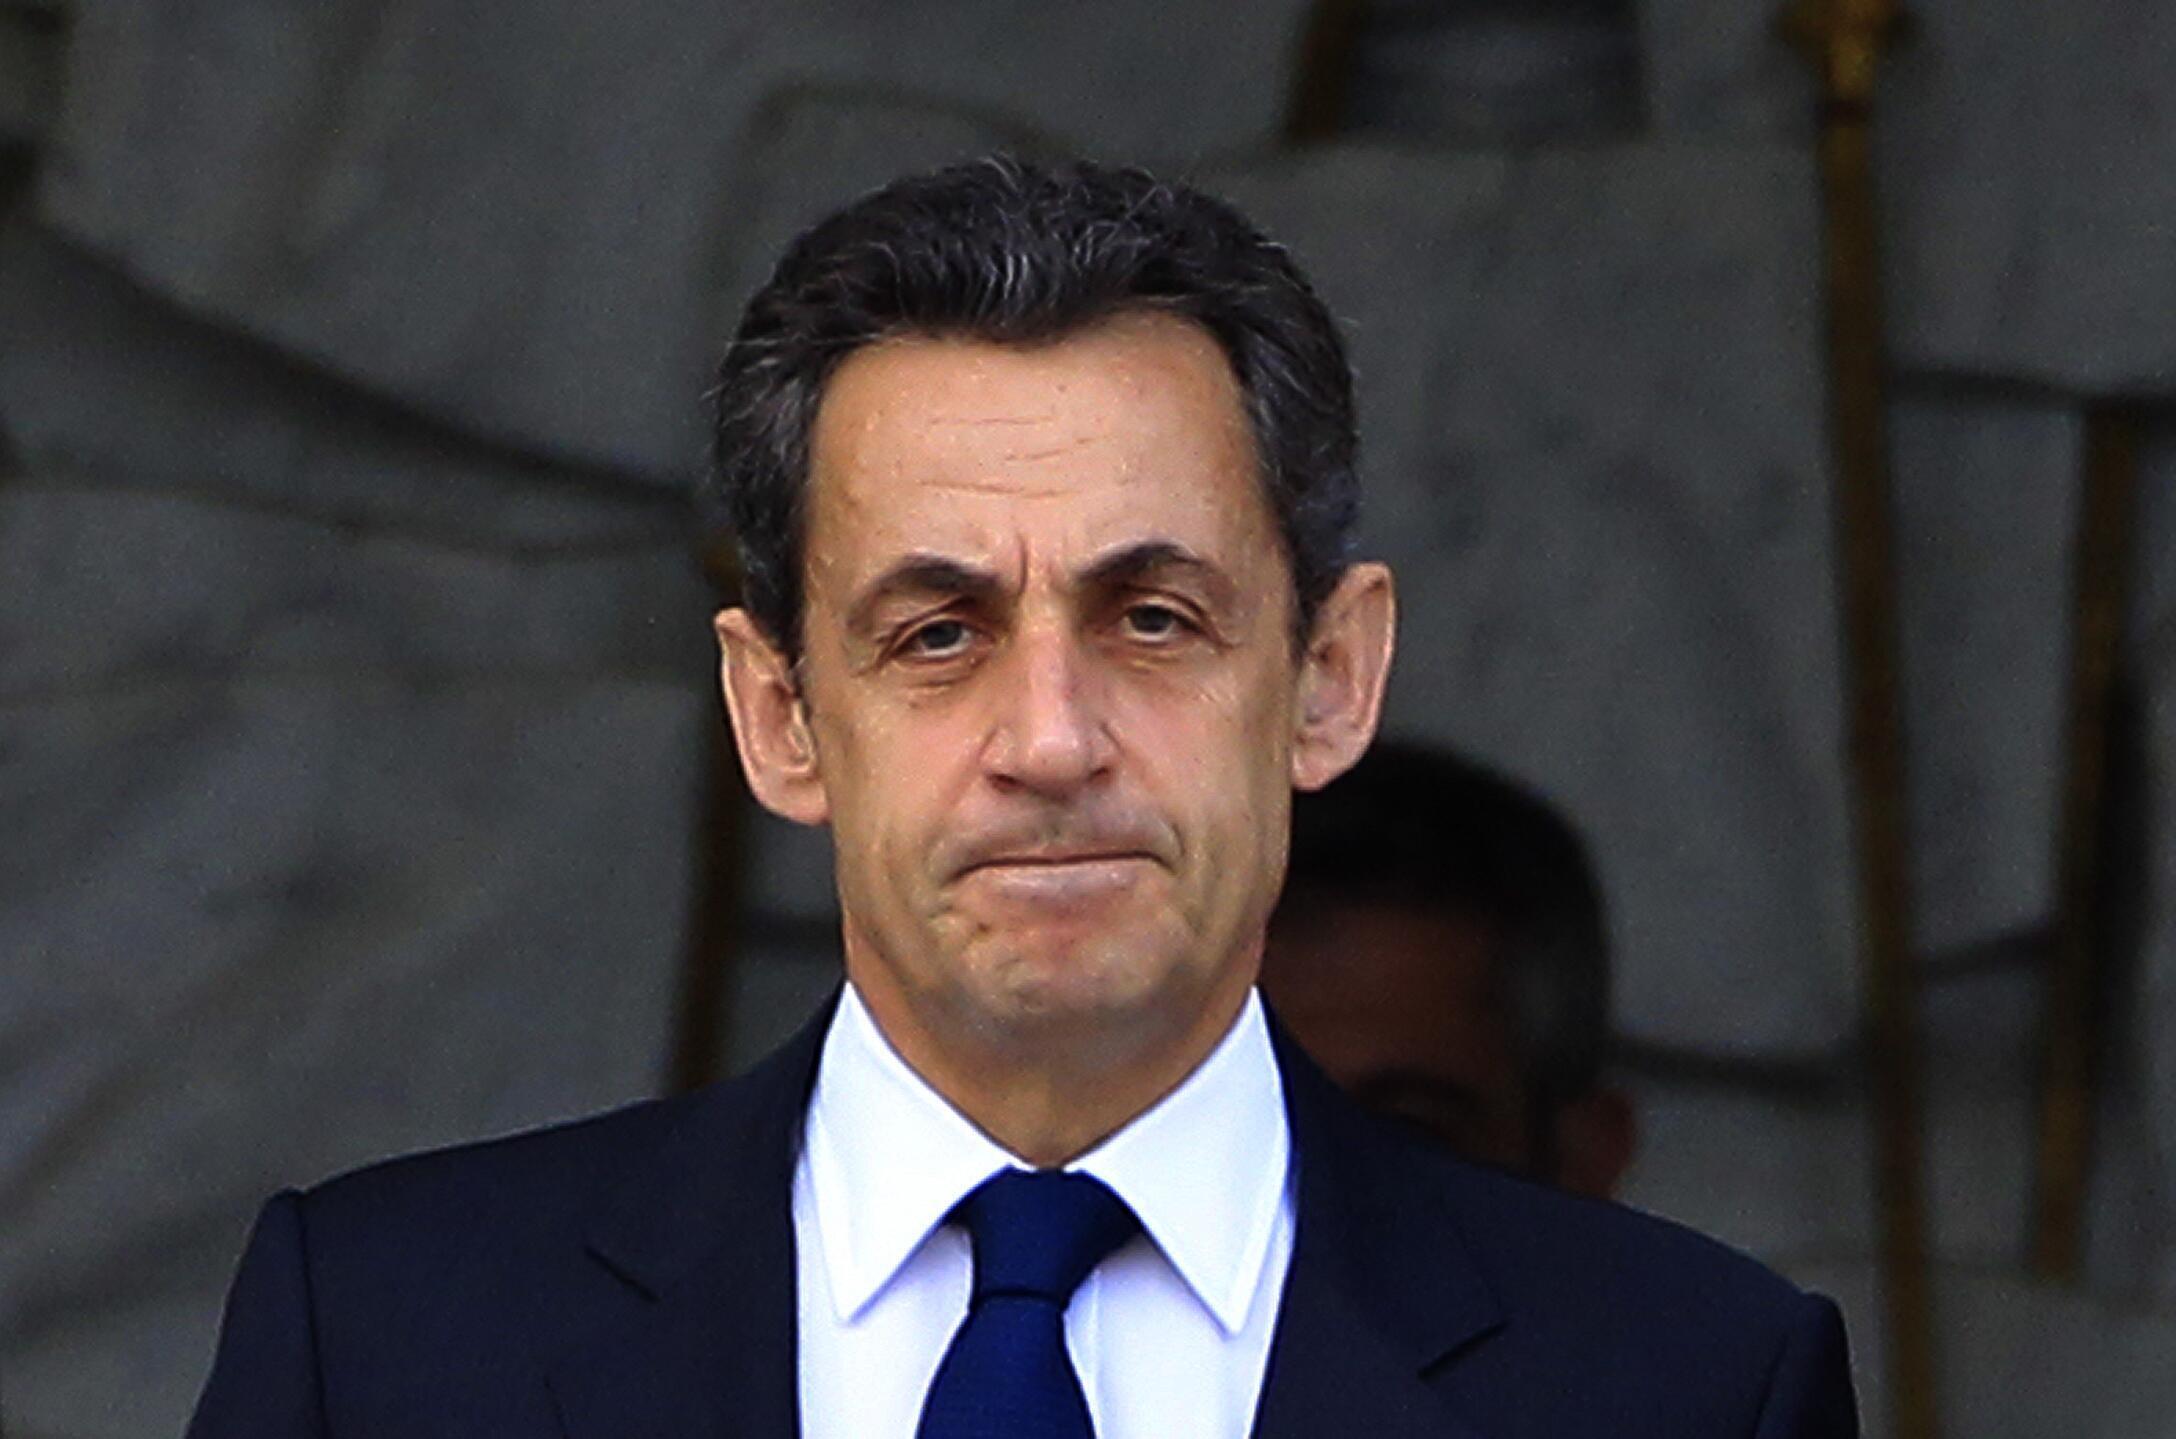 O presidente Nicolas Sarkozy, derrotado no segundo turno da eleição presidencial francesa, se reuniu nesta segunda-feira com os líderes da direita.